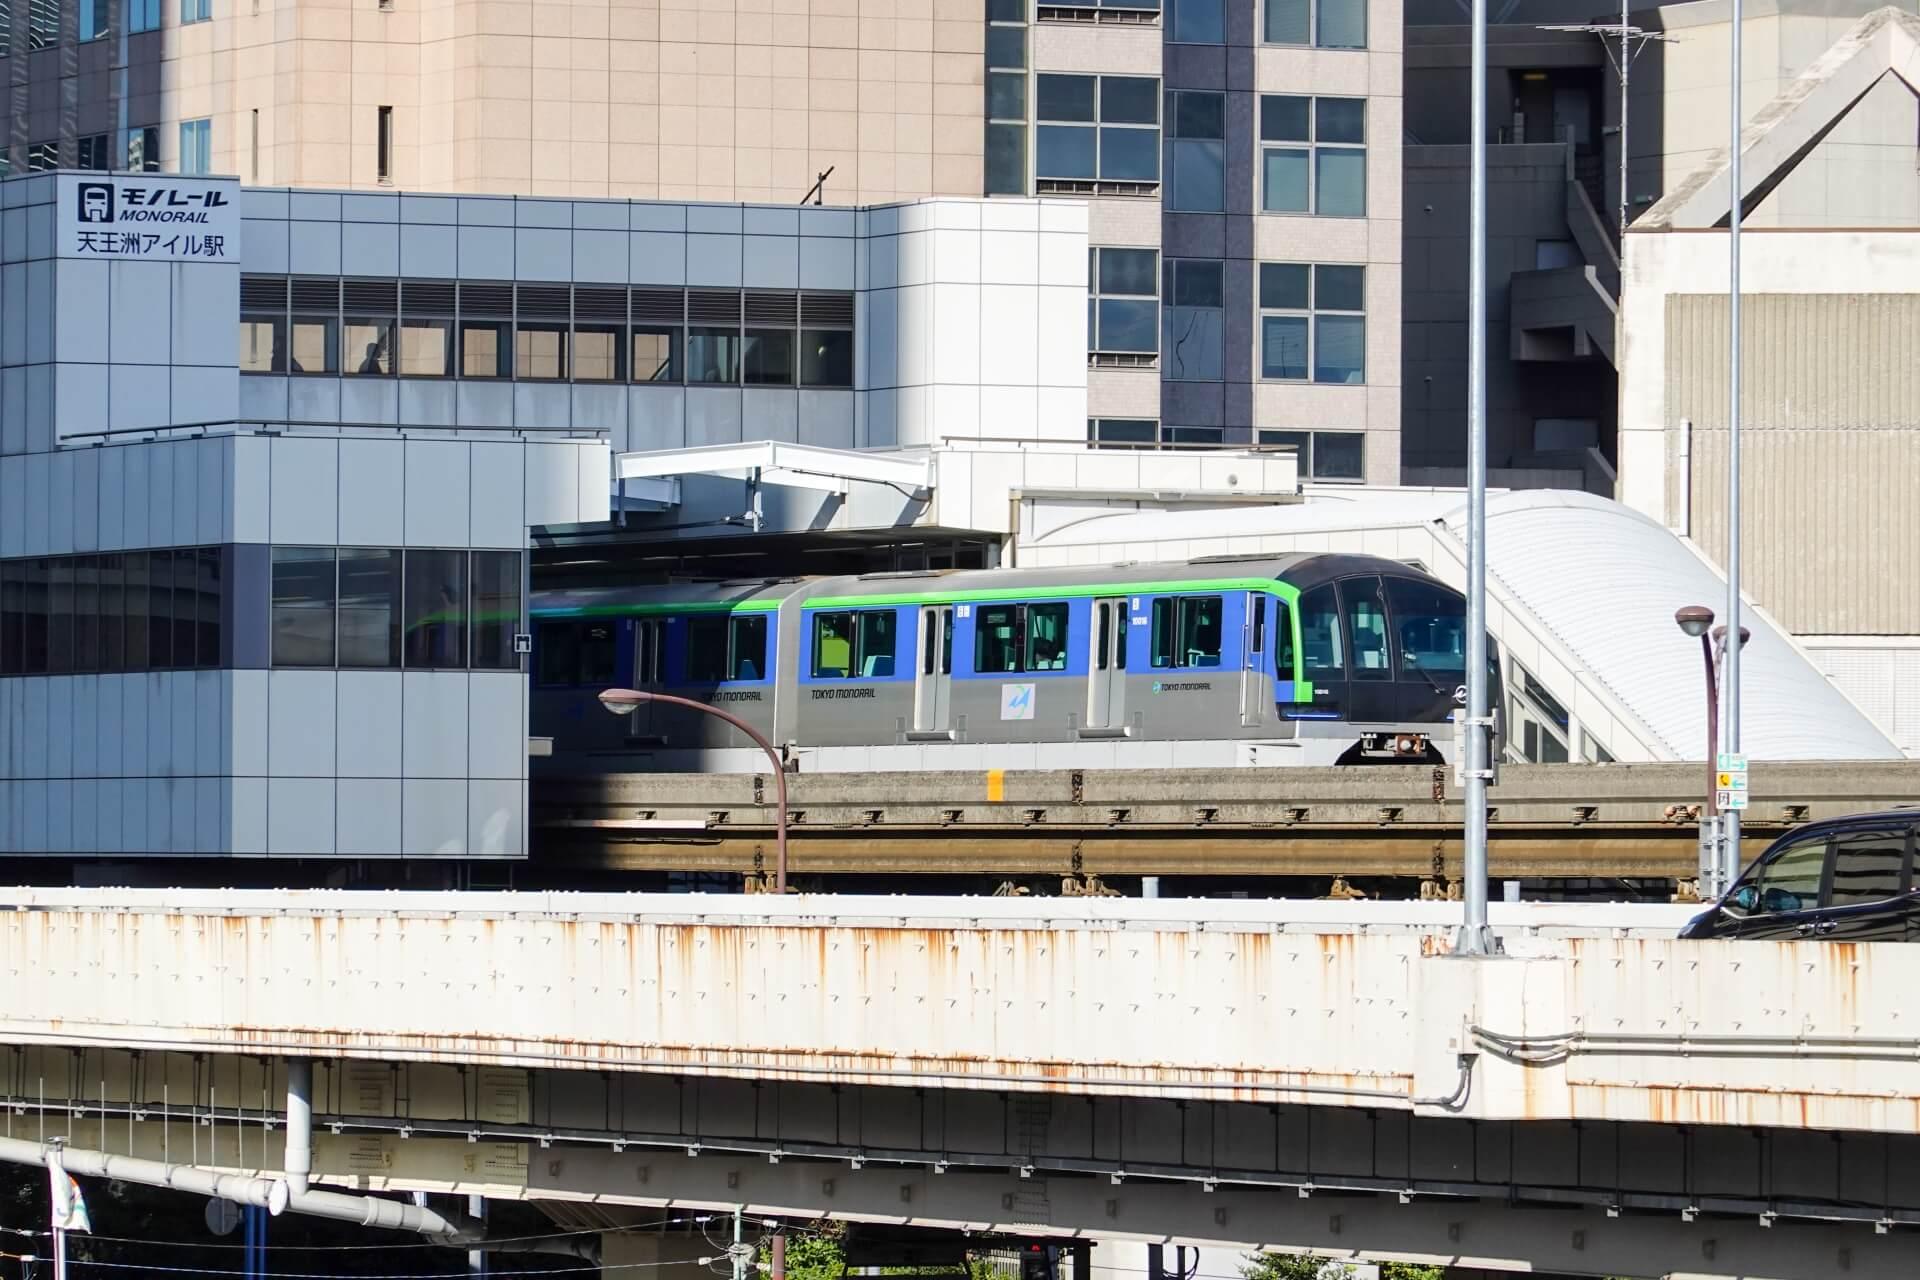 羽田空港から電車を使って行く方法